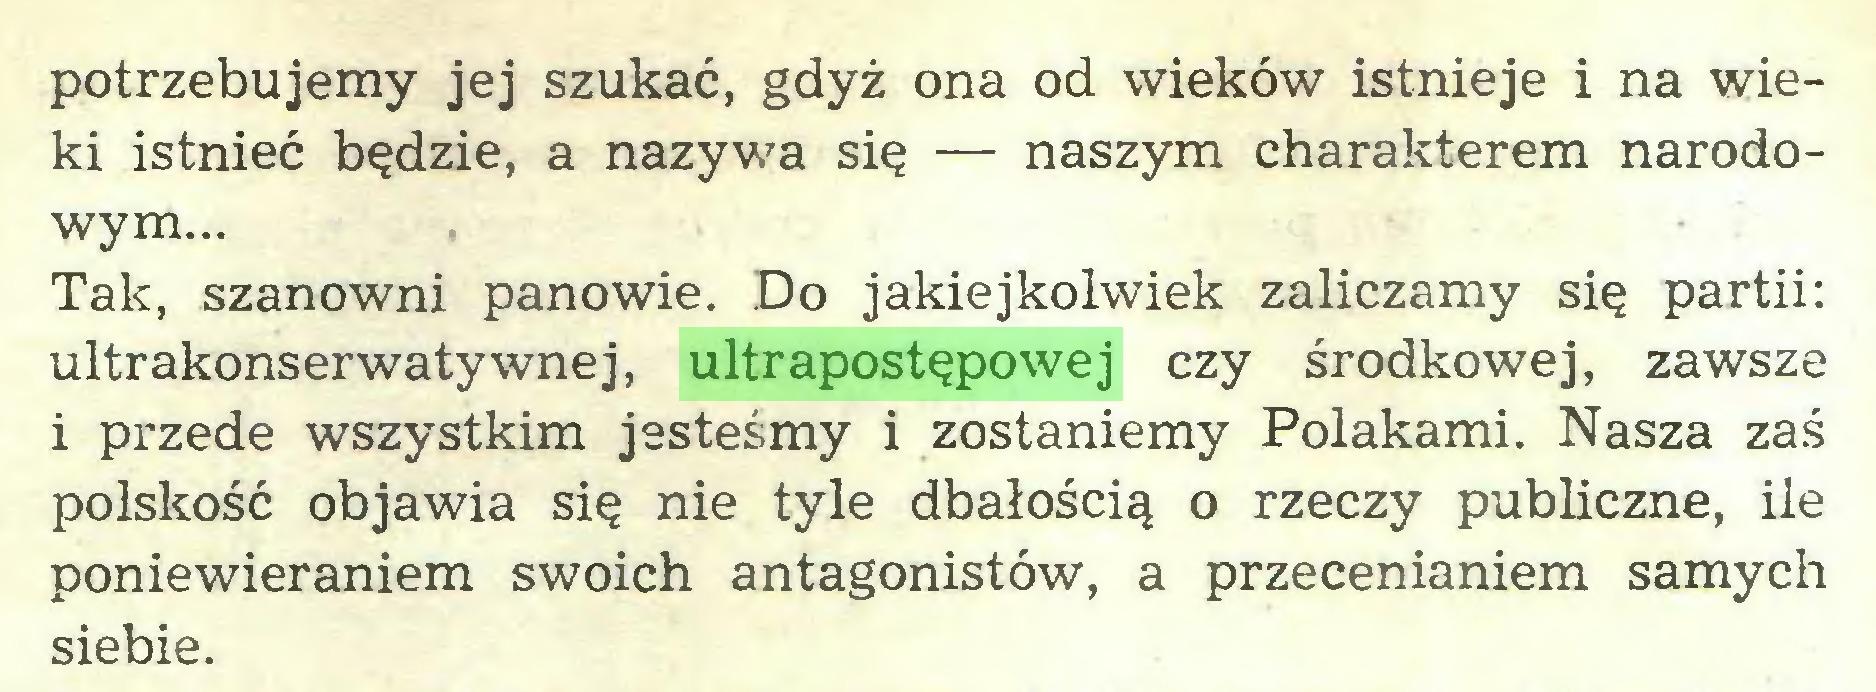 (...) potrzebujemy jej szukać, gdyż ona od wieków istnieje i na wieki istnieć będzie, a nazywa się — naszym charakterem narodowym... , Tak, szanowni panowie. Do jakiejkolwiek zaliczamy się partii: ultrakonserwatywnej, ultrapostępowej czy środkowej, zawsze i przede wszystkim jesteśmy i zostaniemy Polakami. Nasza zaś polskość objawia się nie tyle dbałością o rzeczy publiczne, ile poniewieraniem swoich antagonistów, a przecenianiem samych siebie...